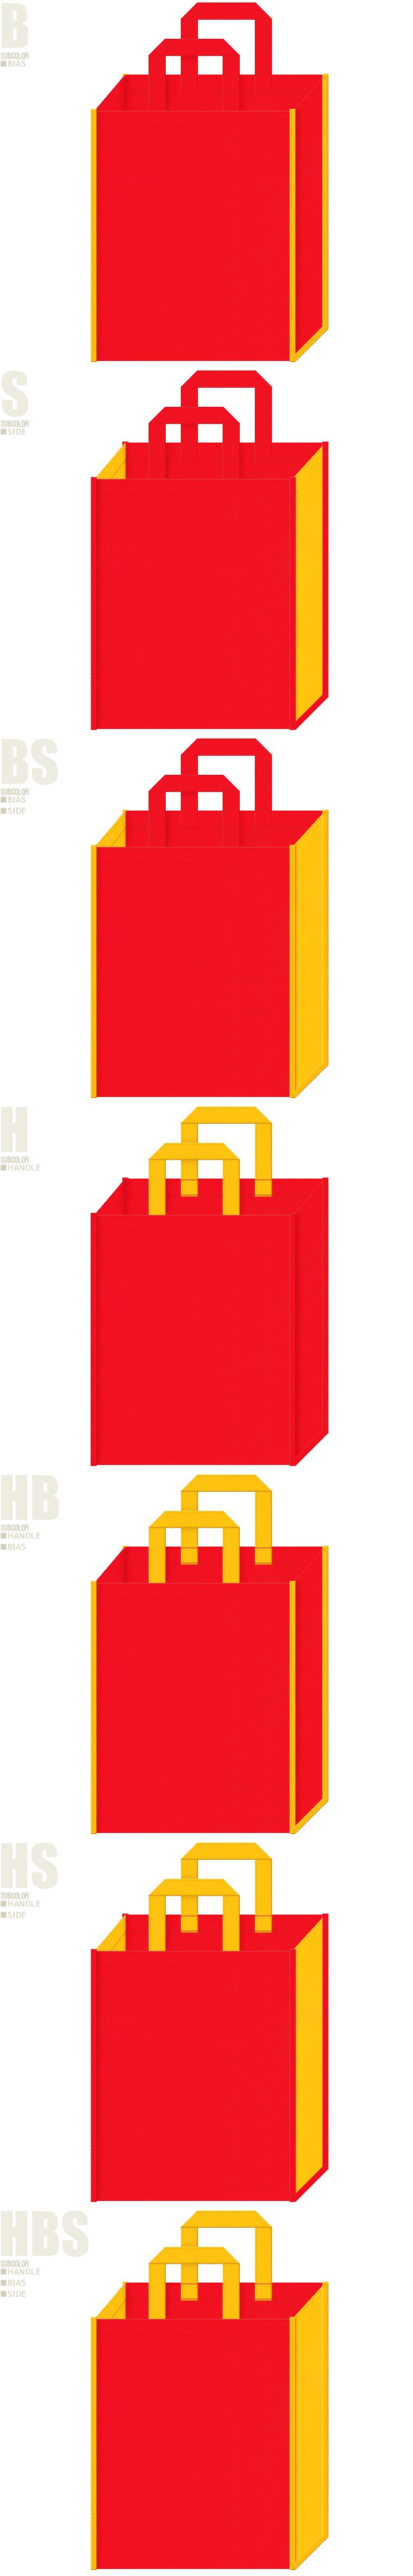 遊園地・ゲーム・テーマパーク・おもちゃの展示会用バッグにお奨めの不織布バッグデザイン:赤色と黄色の配色7パターン